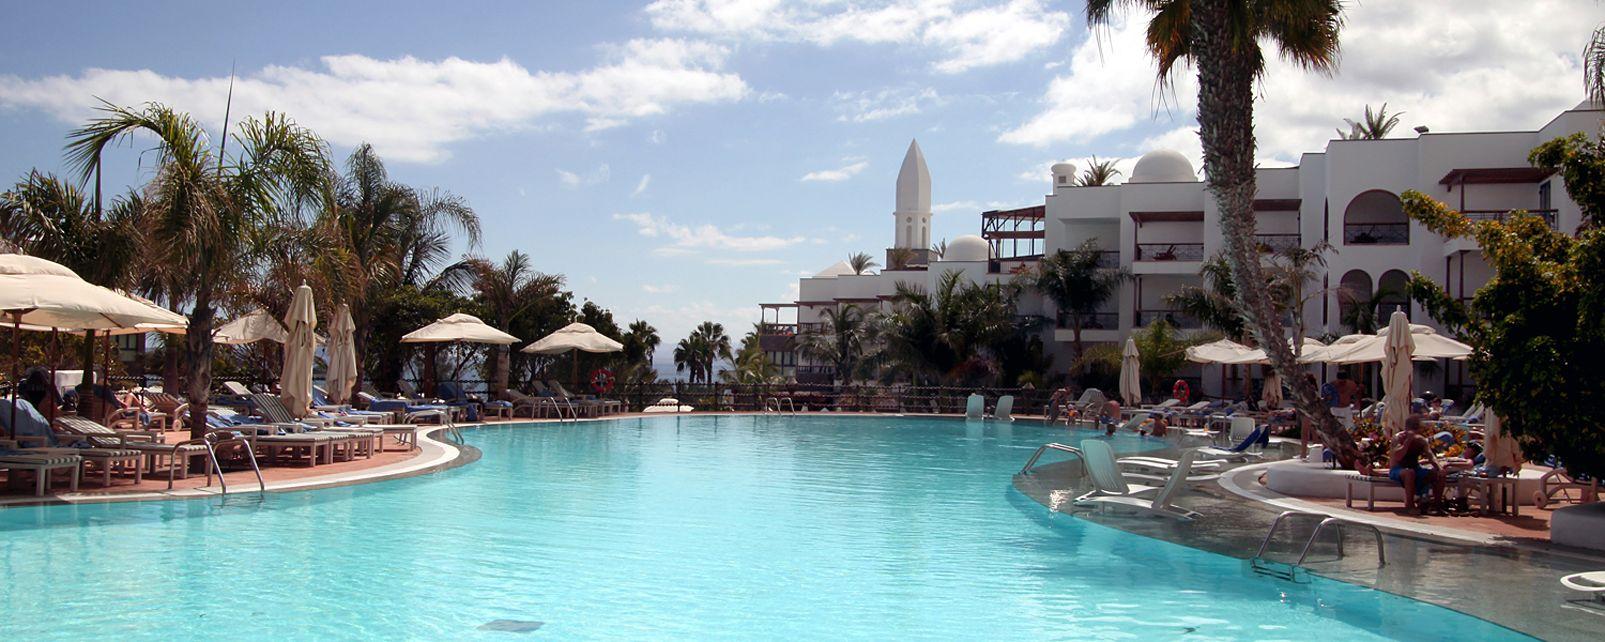 Hotel princesa yaiza playa blanca for Hotel princesa yaiza